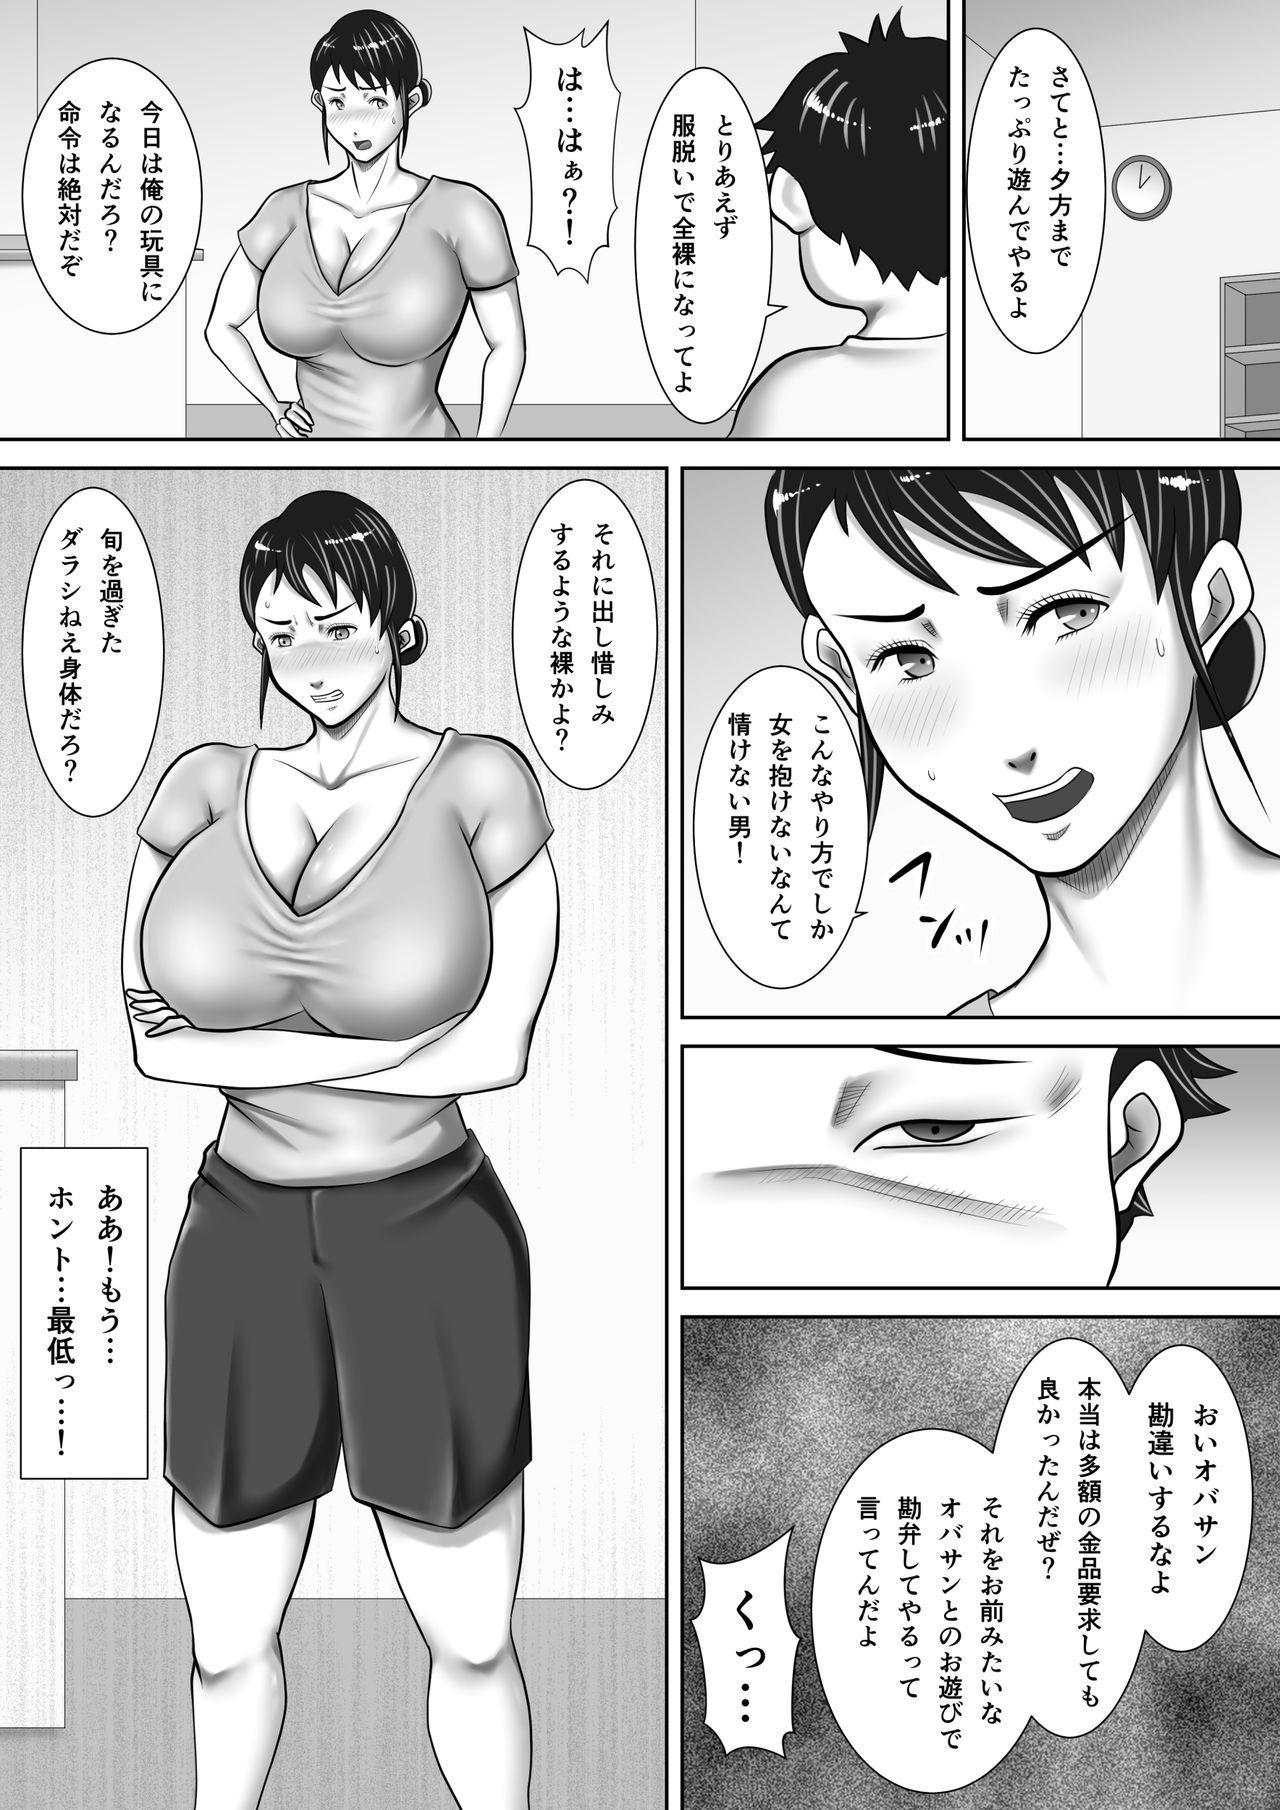 Jitaku de Netorareta Kachiki na Hitozuma 14